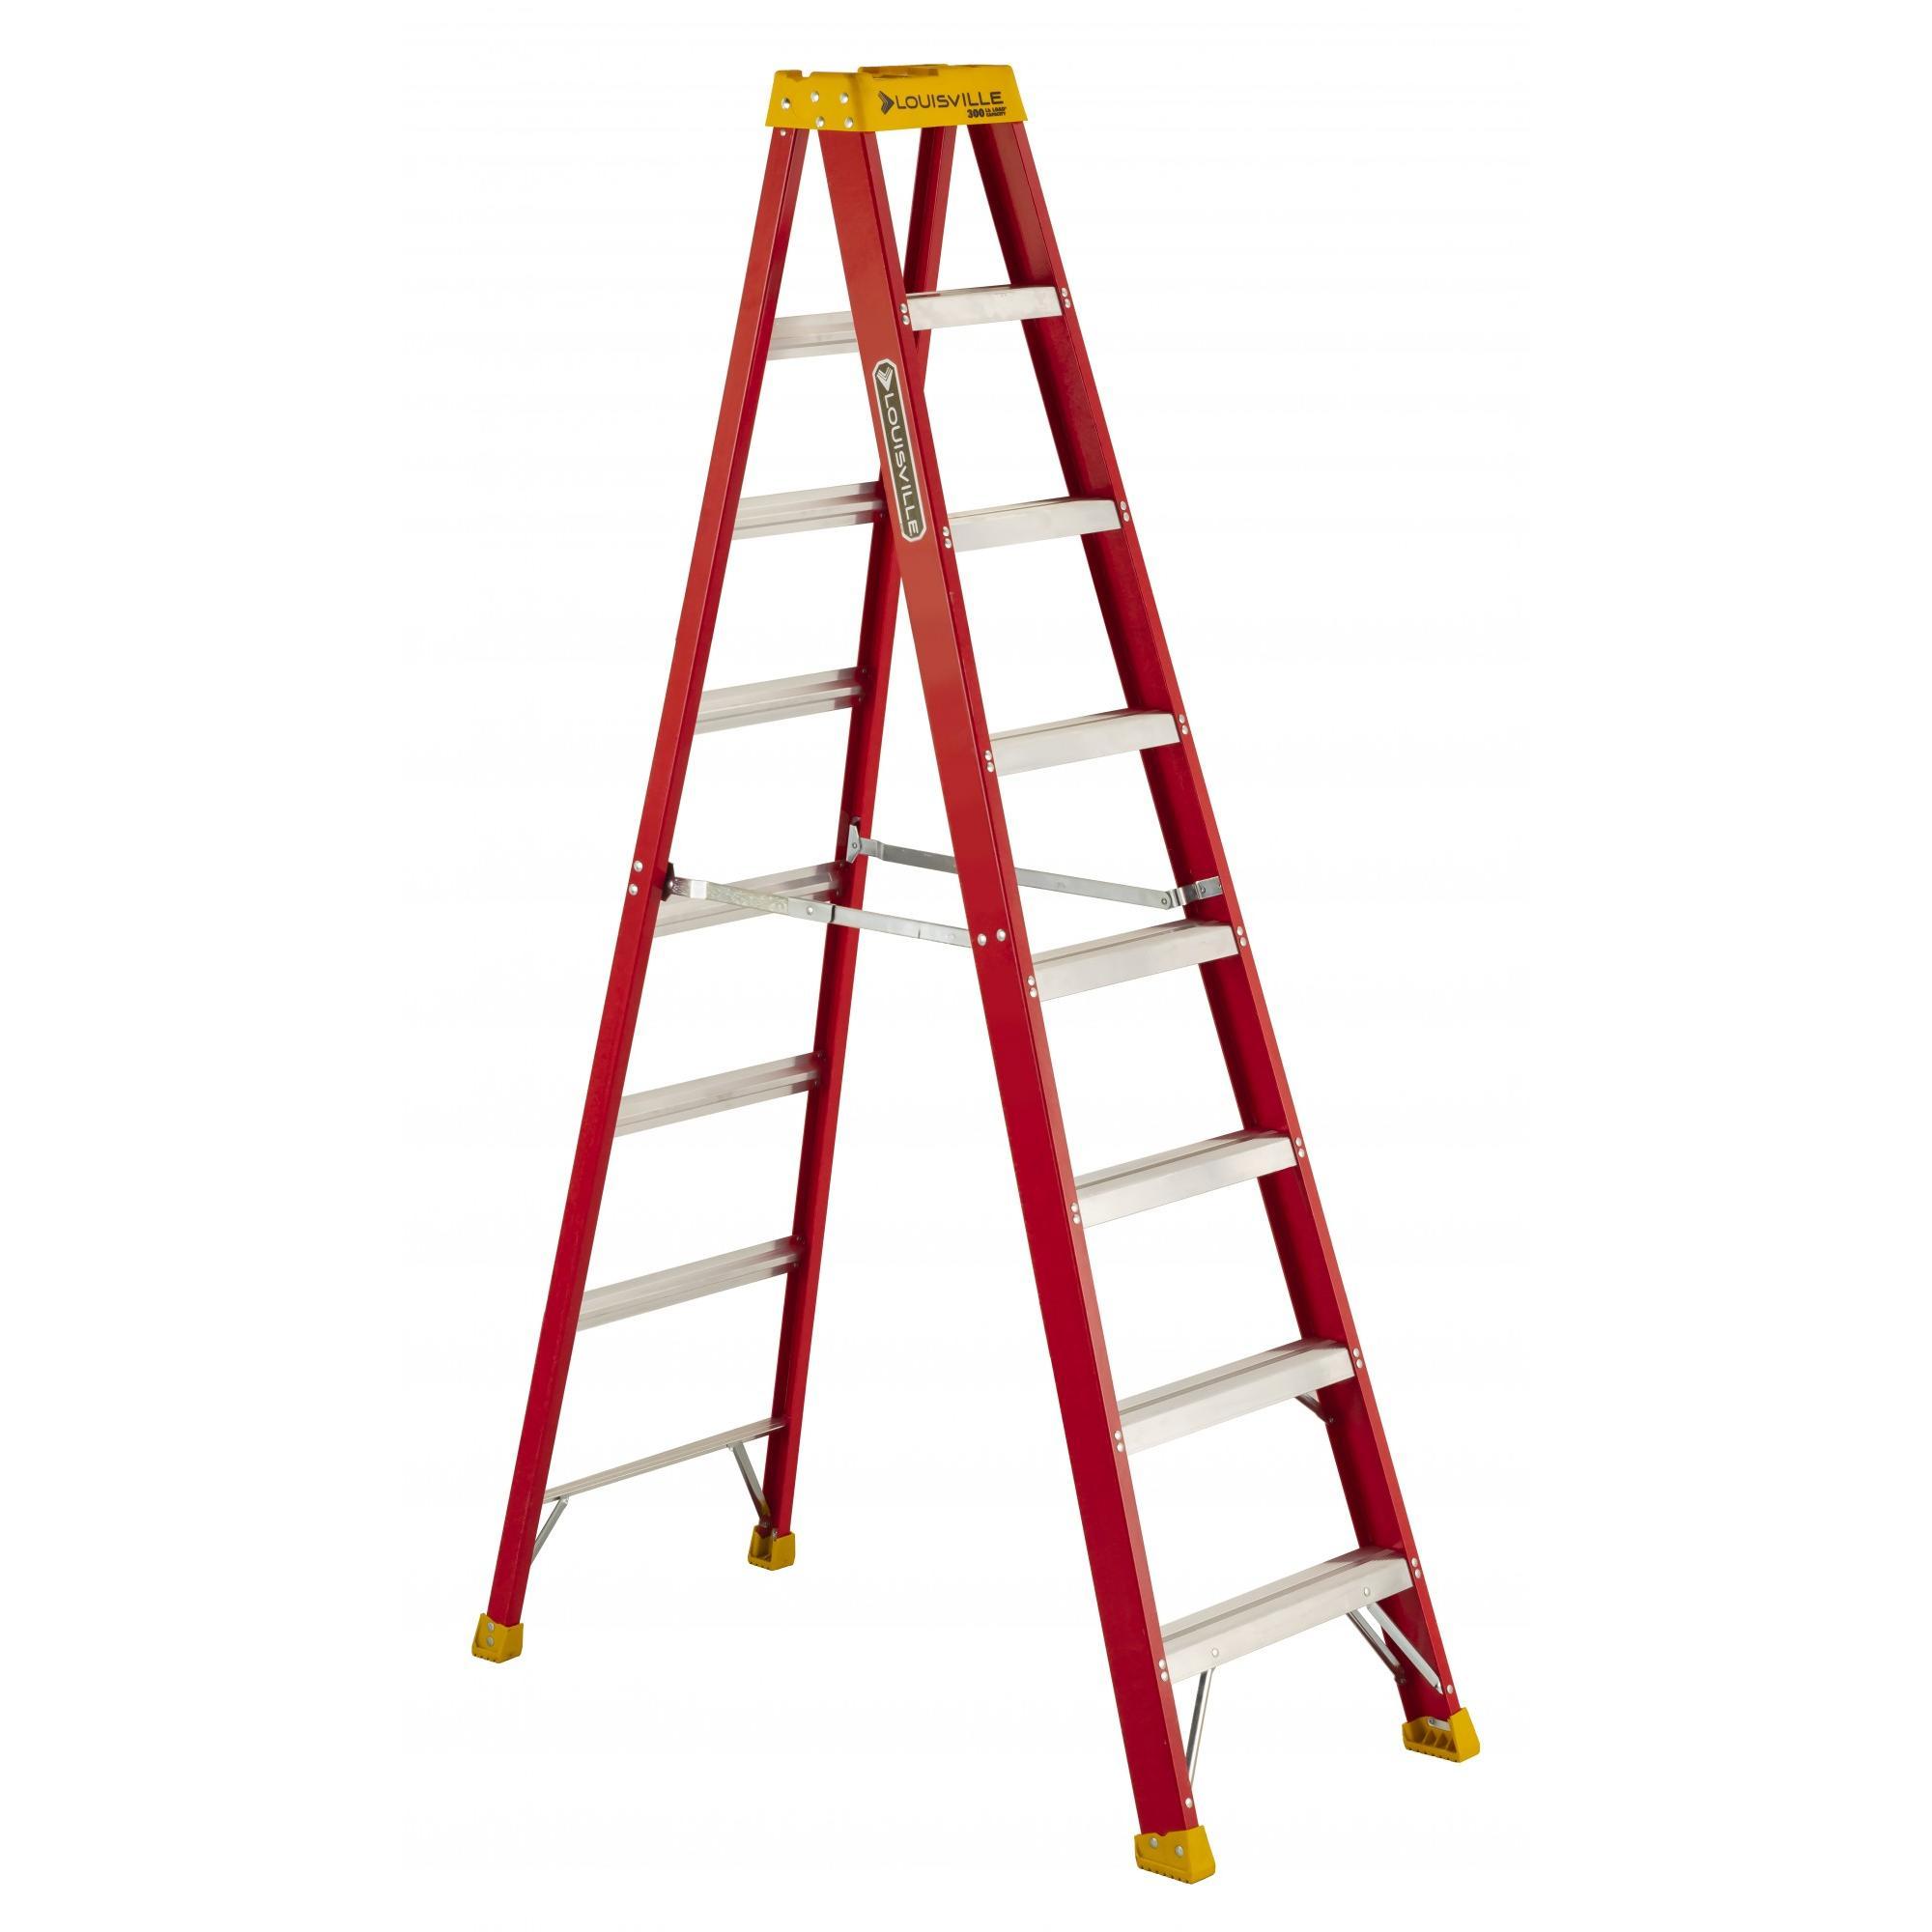 Louisville Ladder 8 ft. Fiberglass Ladder